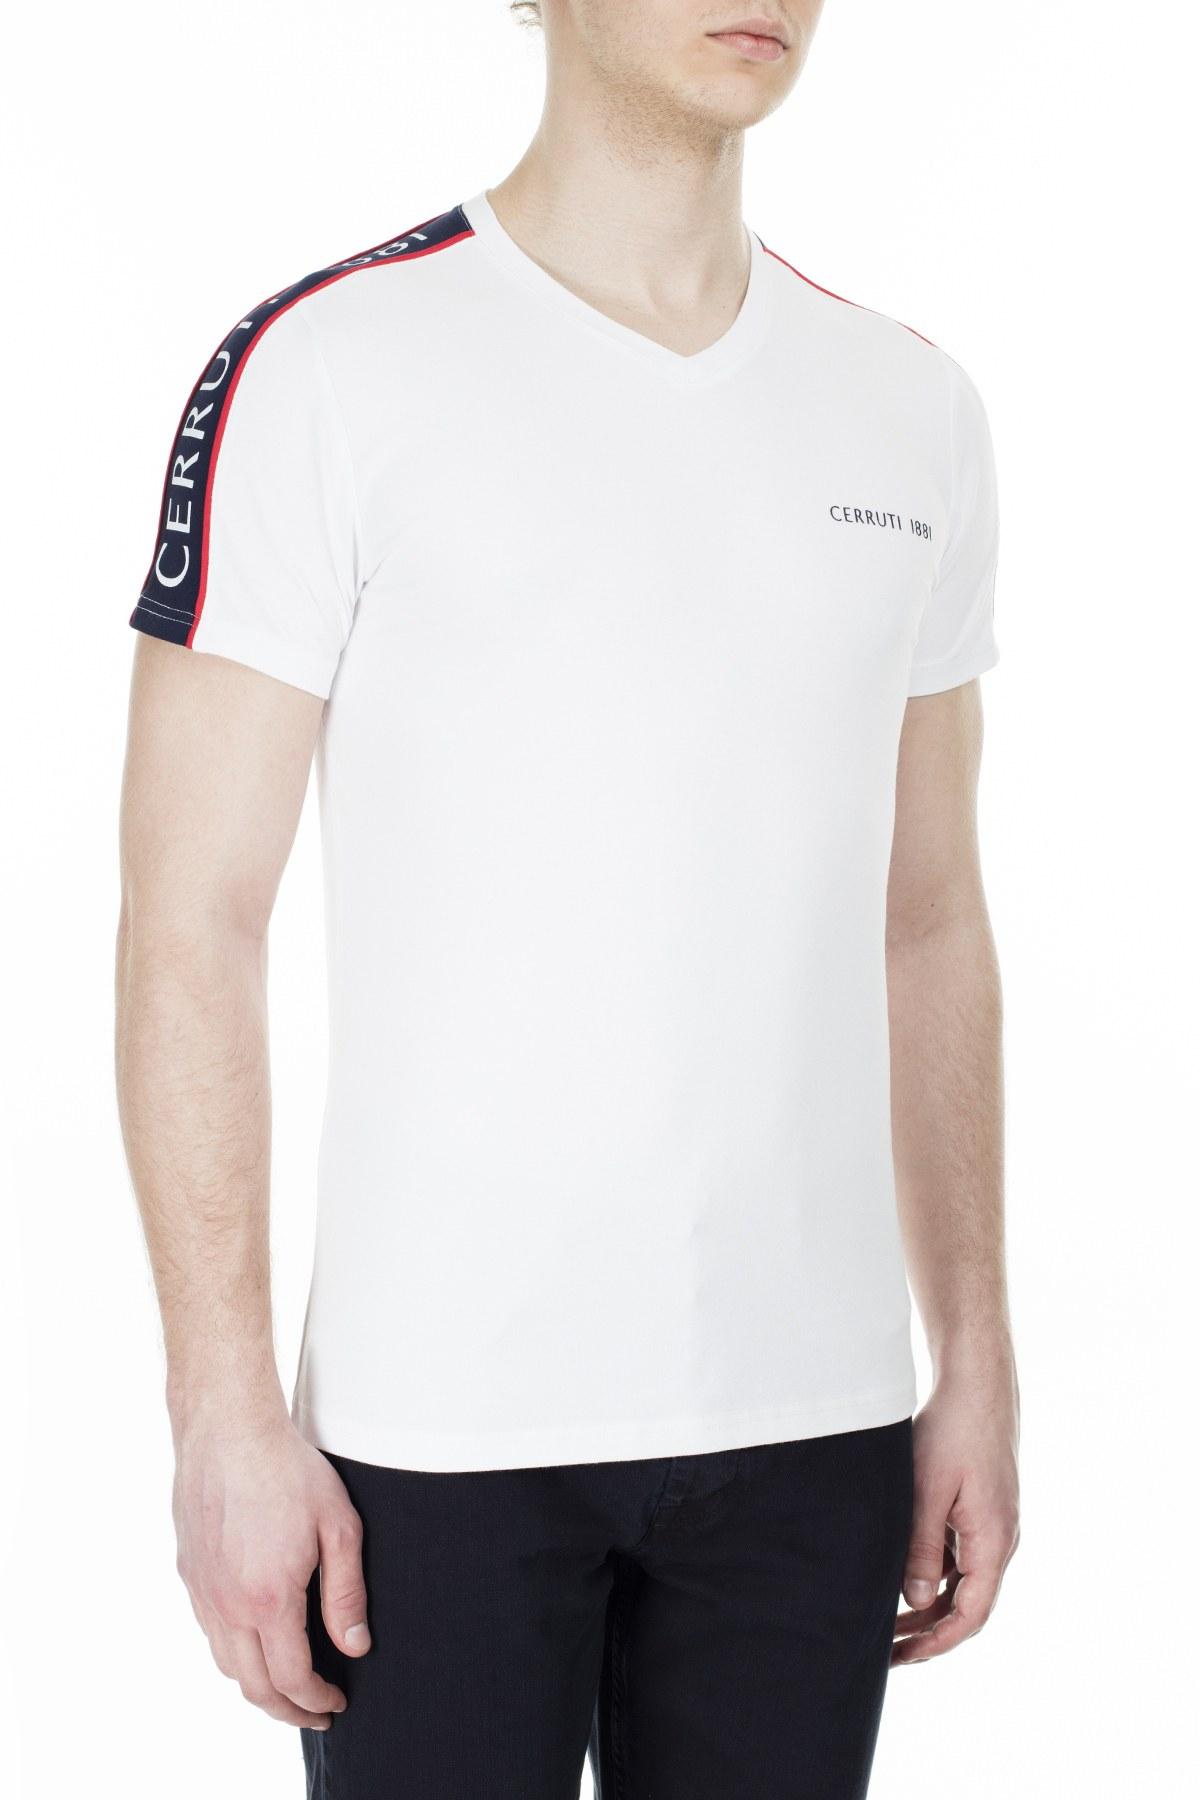 Cerruti 1881 Erkek T Shirt 203-001719 BEYAZ